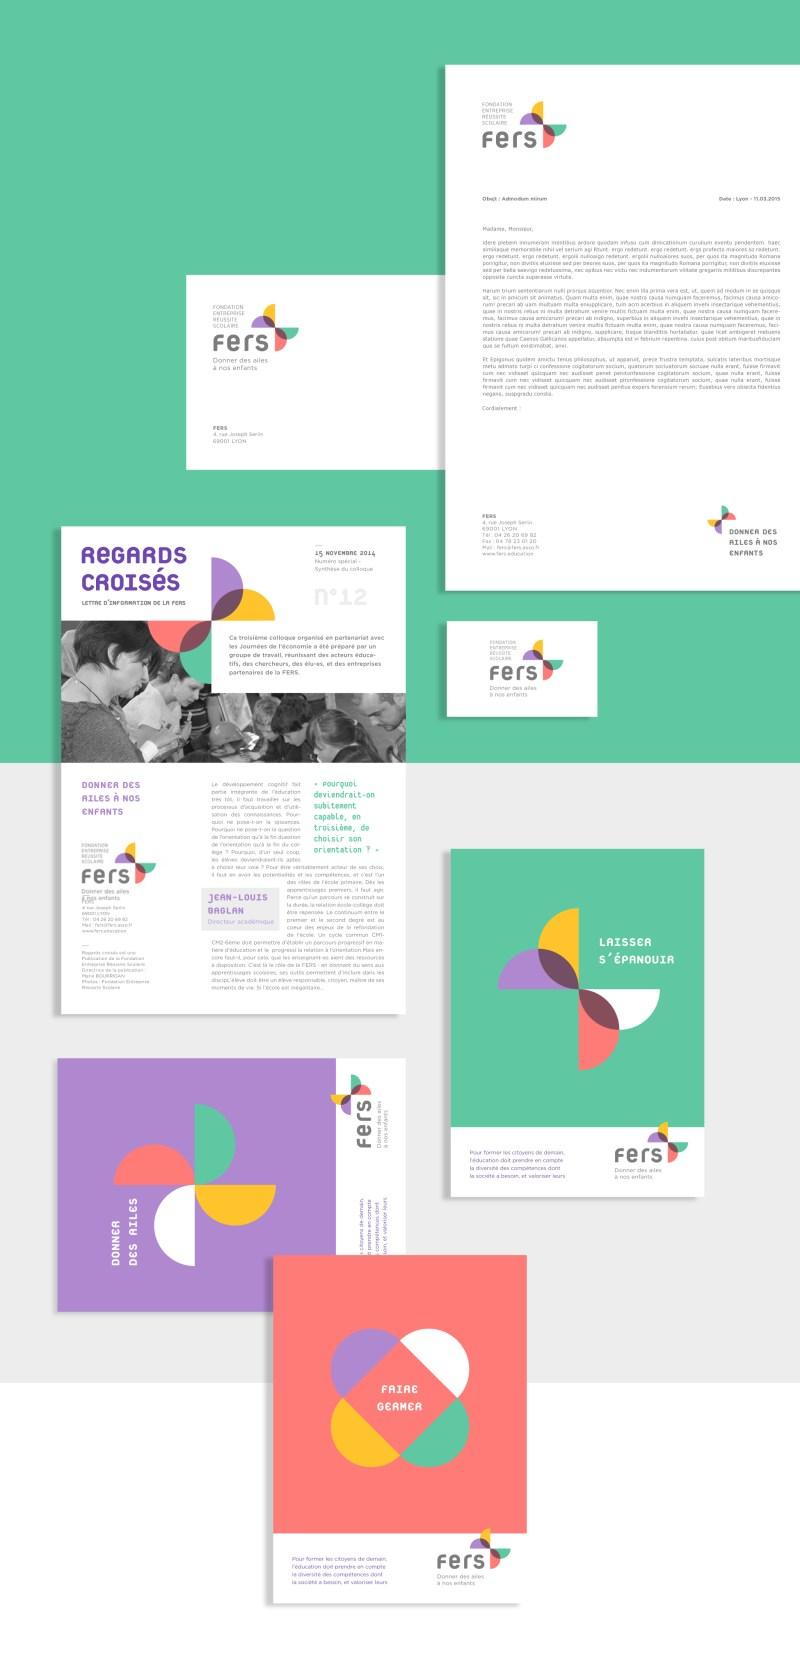 charte-graphique-fondation-entreprise-reussite-scolaire